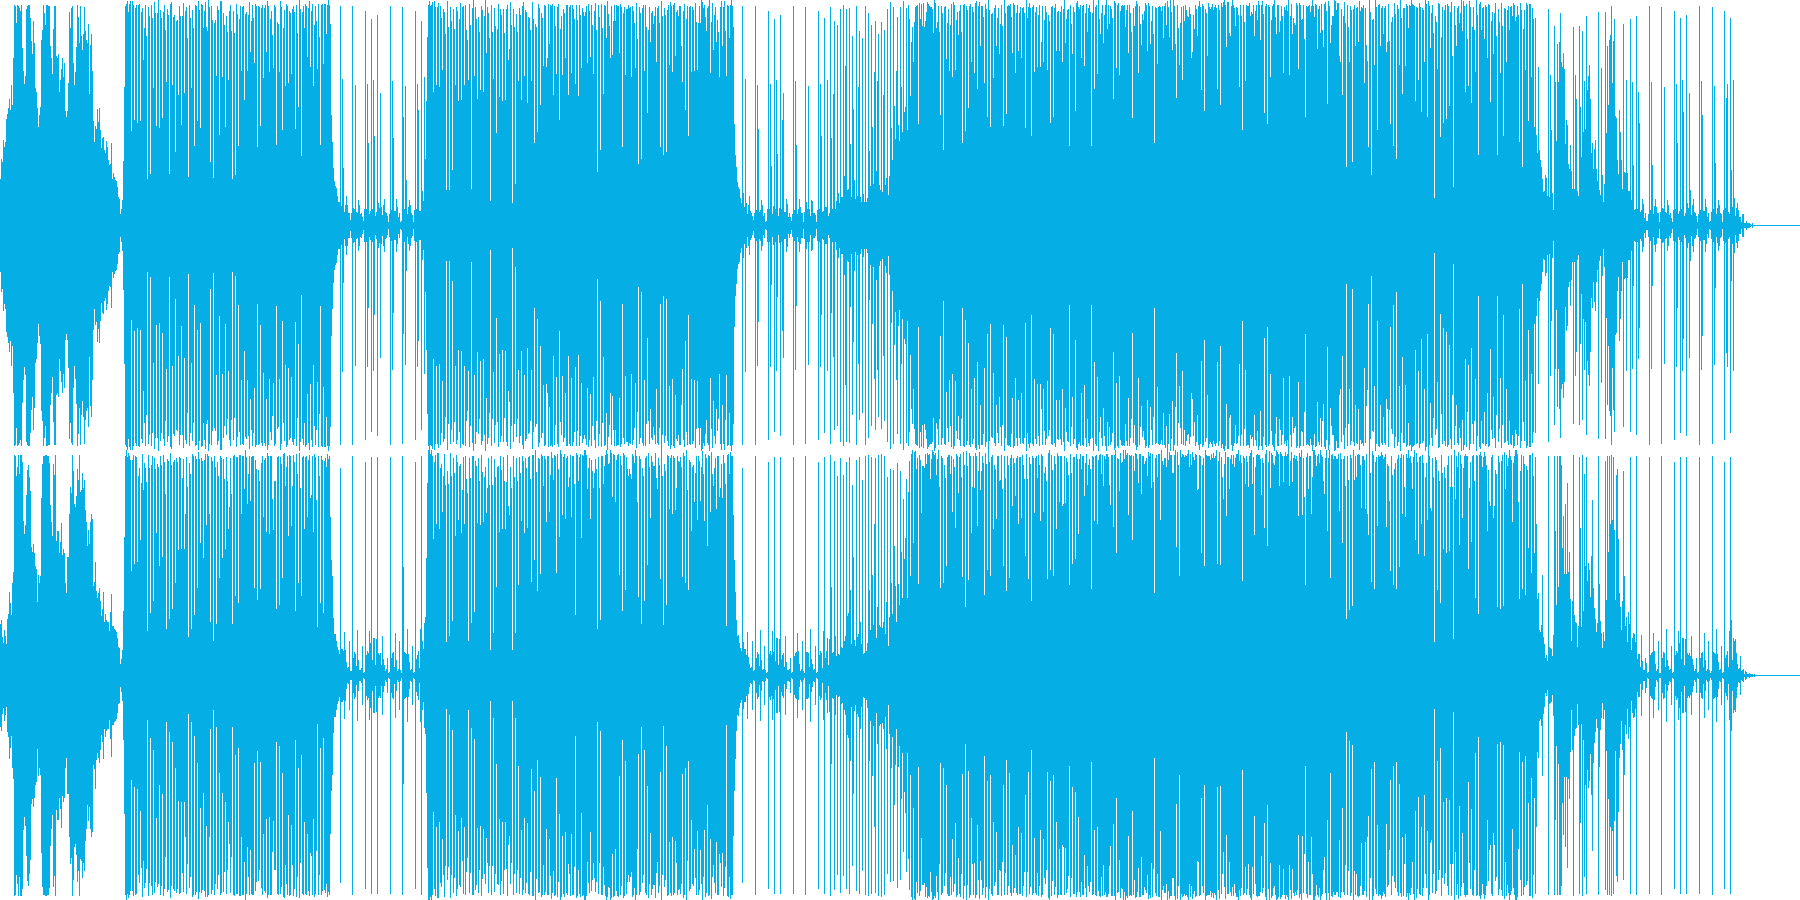 ミステリアスなキック強めのハウスBGMの再生済みの波形